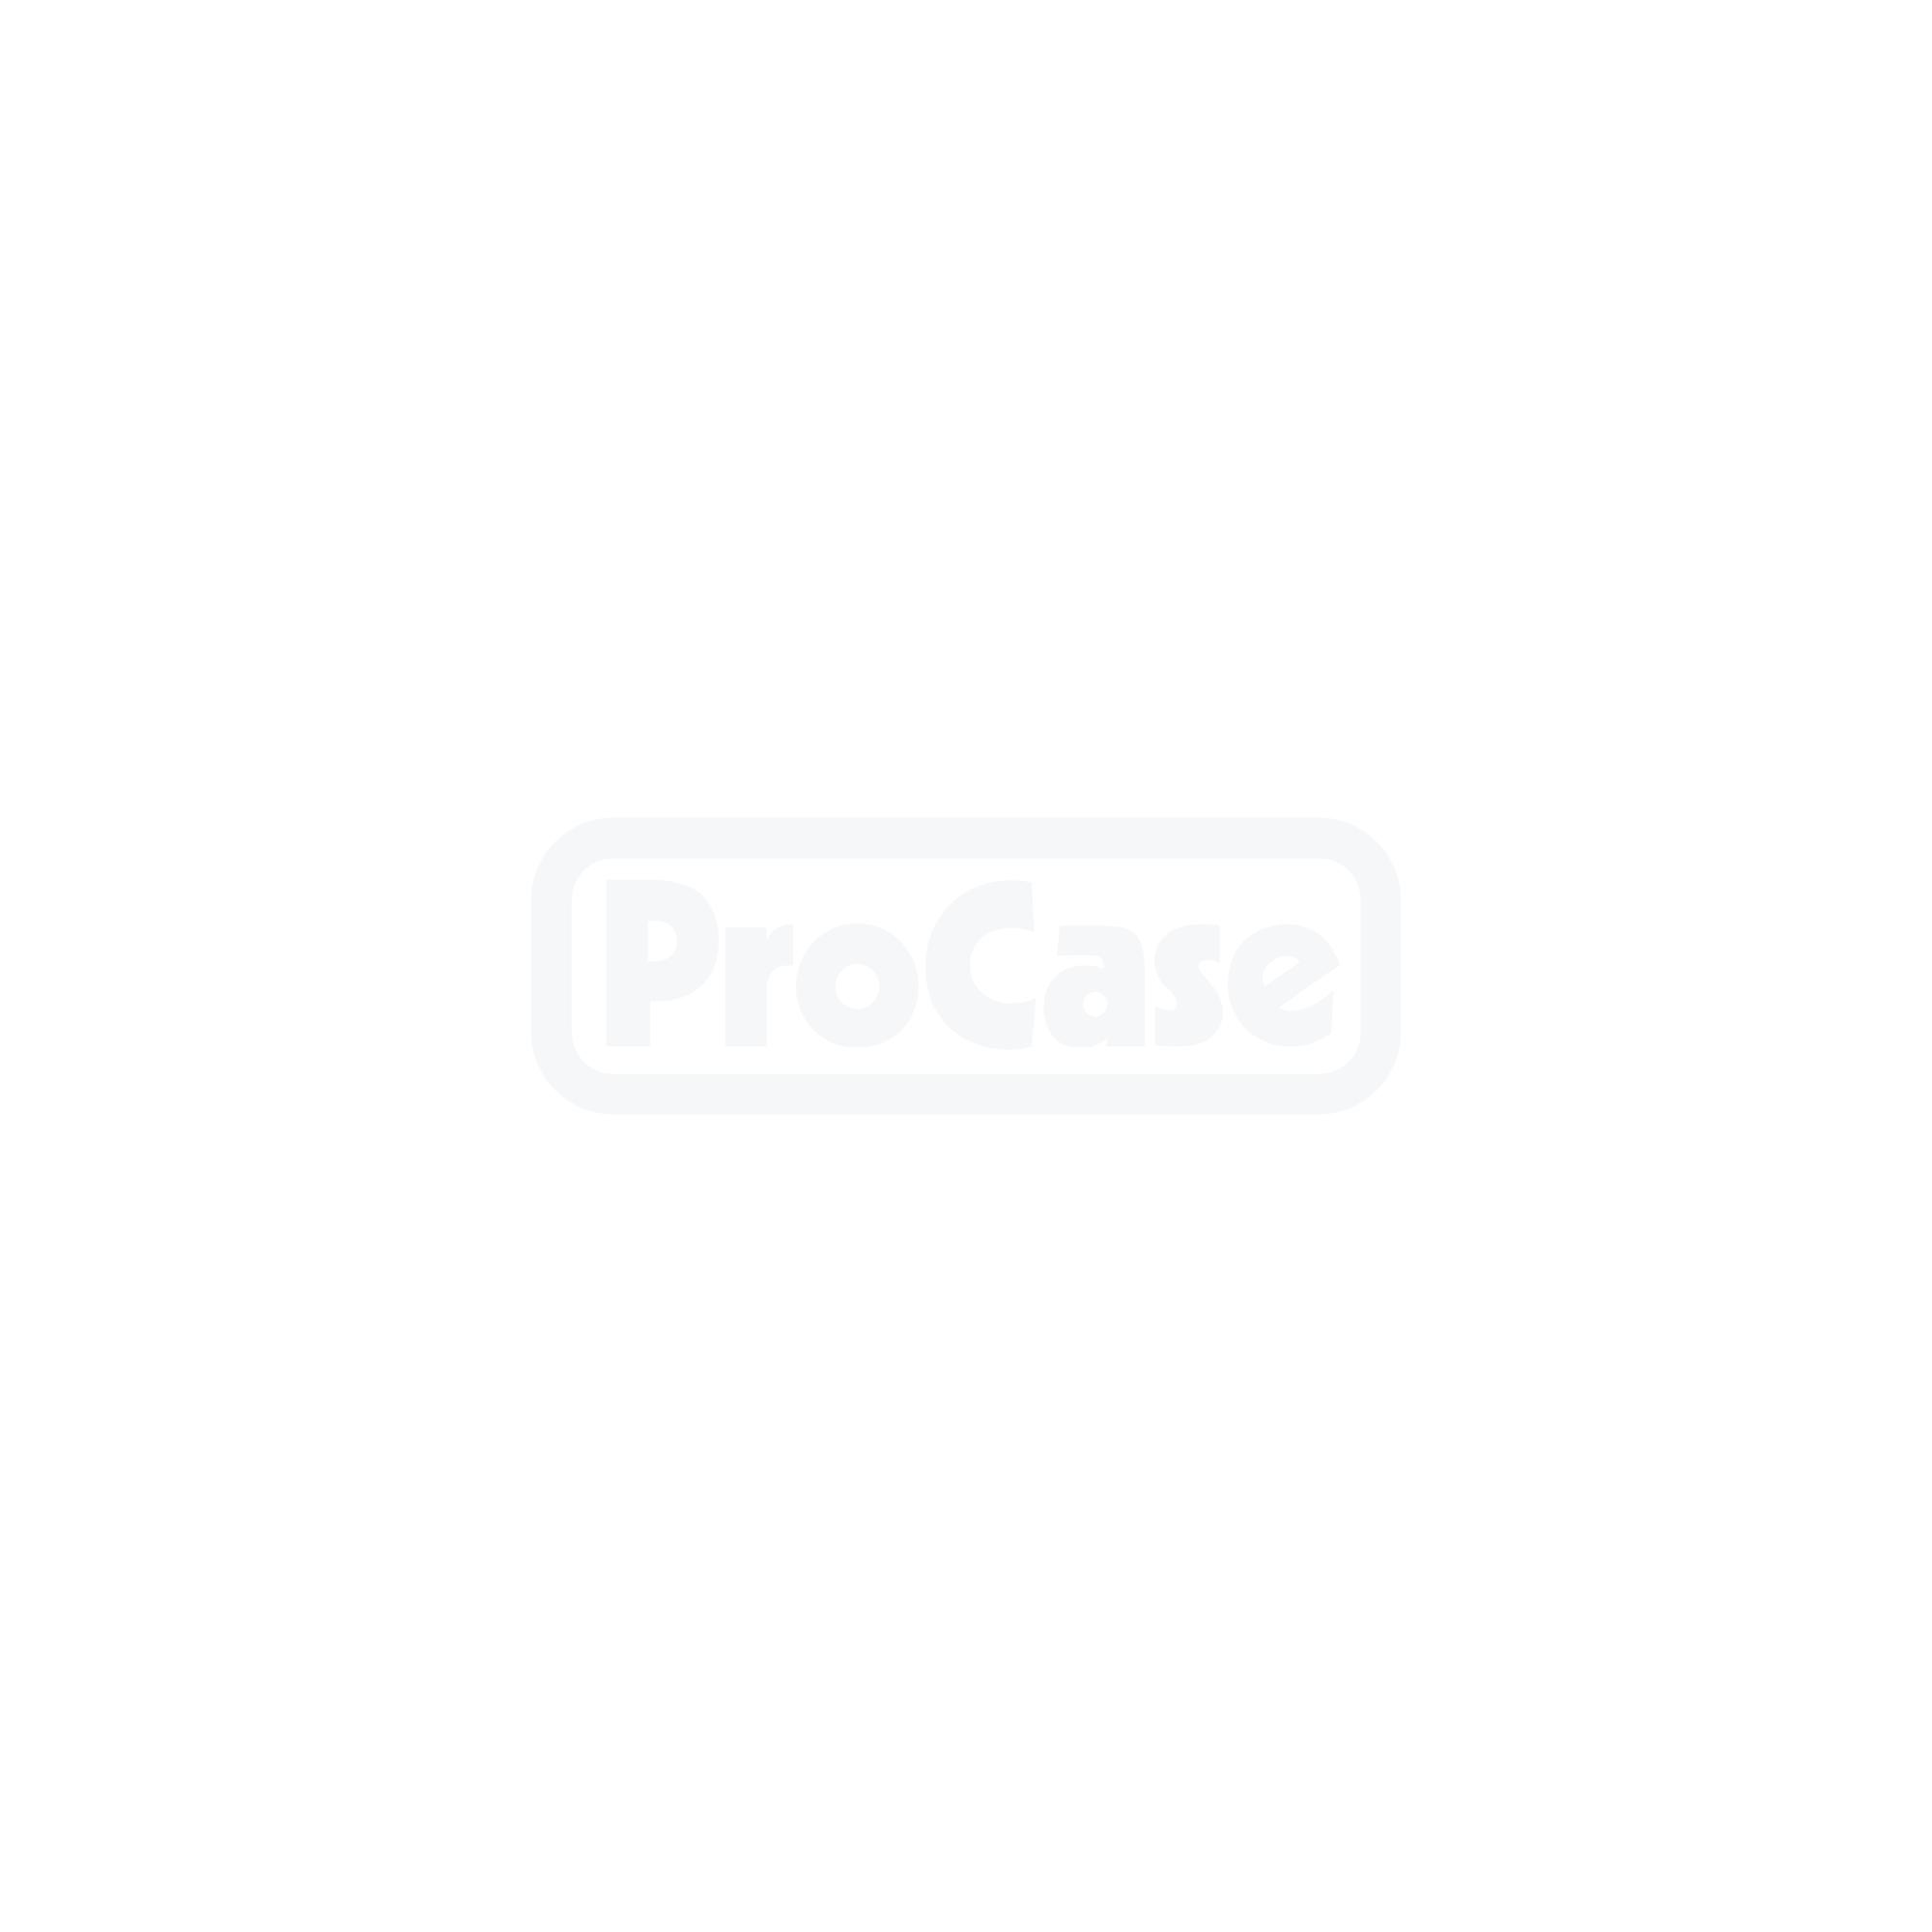 Flightcase für CM-Lodestar D8+ 0,5to  J, L, LL mit 24 m Kette